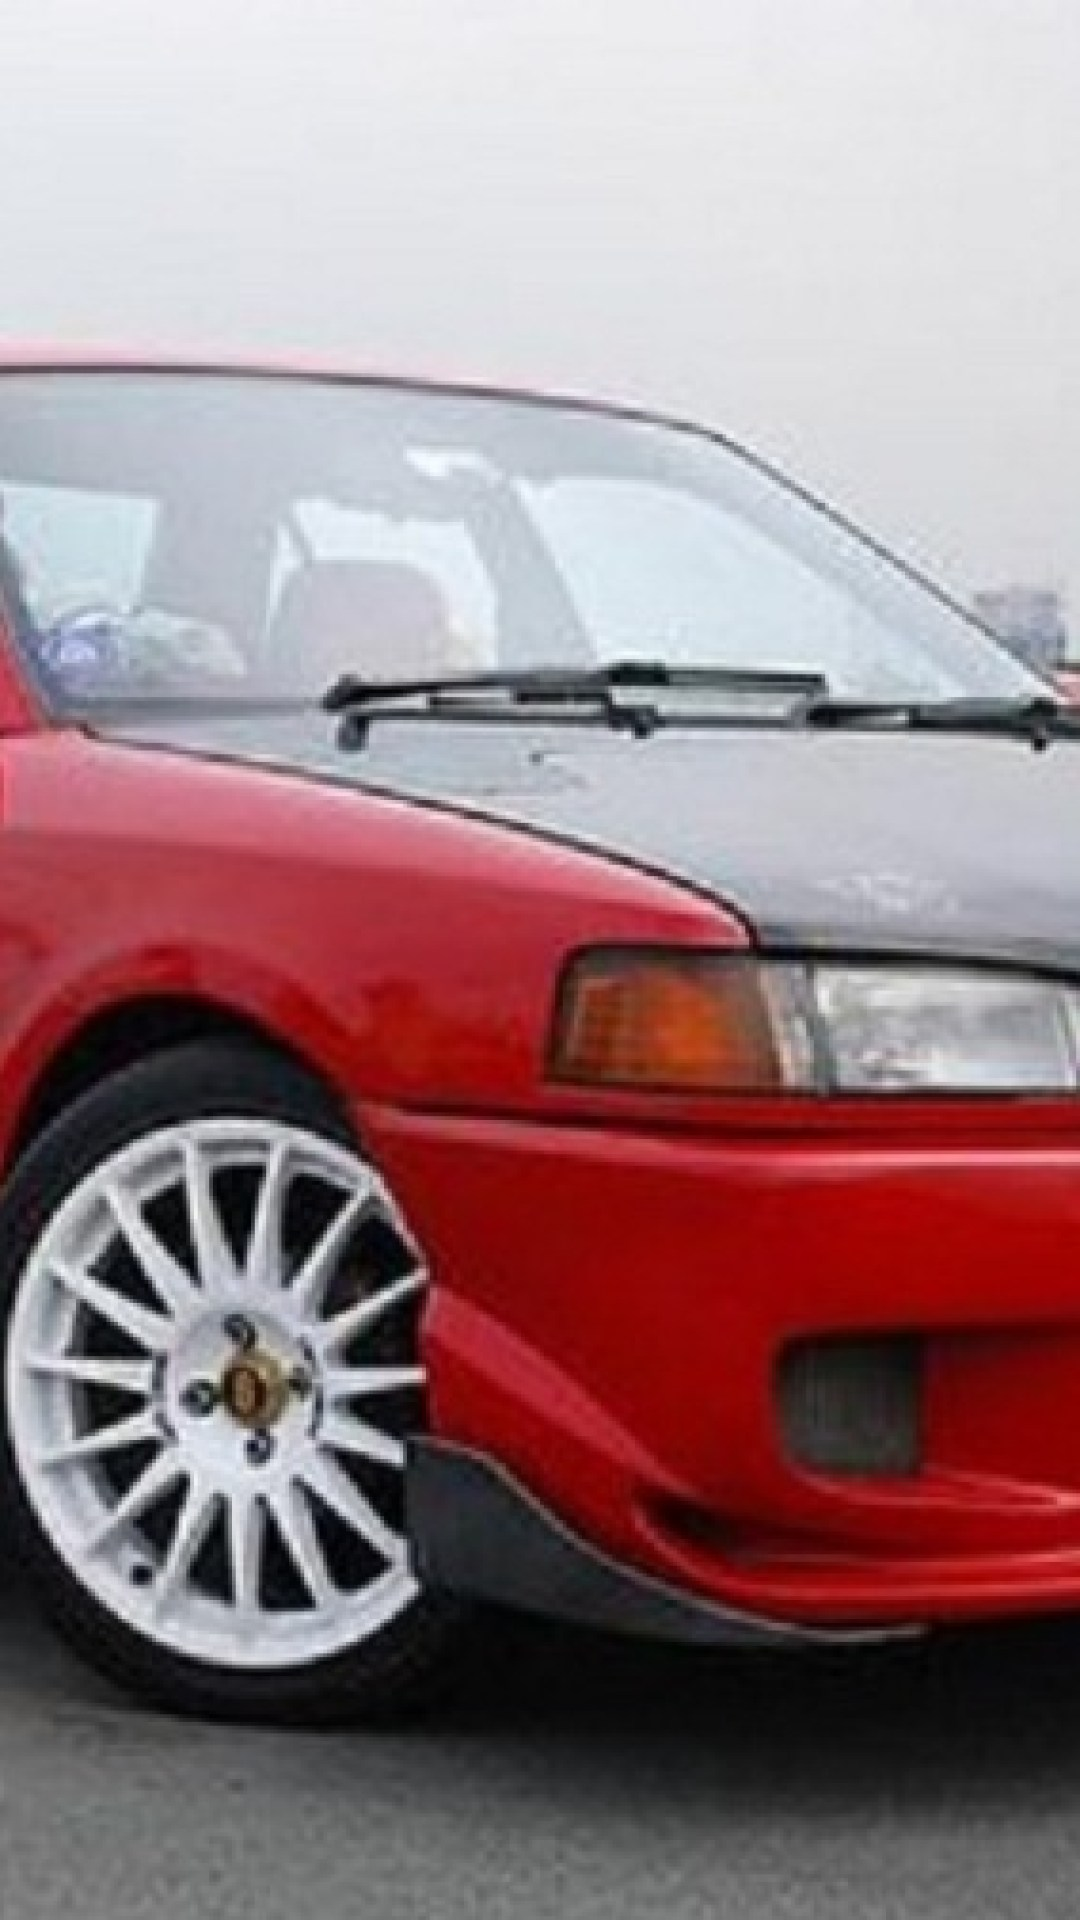 Mazda Familia Modifikasi : mazda, familia, modifikasi, Ladang, Otomotif:, Download, Modifikasi, Mobil, Sedan, Mazda, Astina, Terkeren